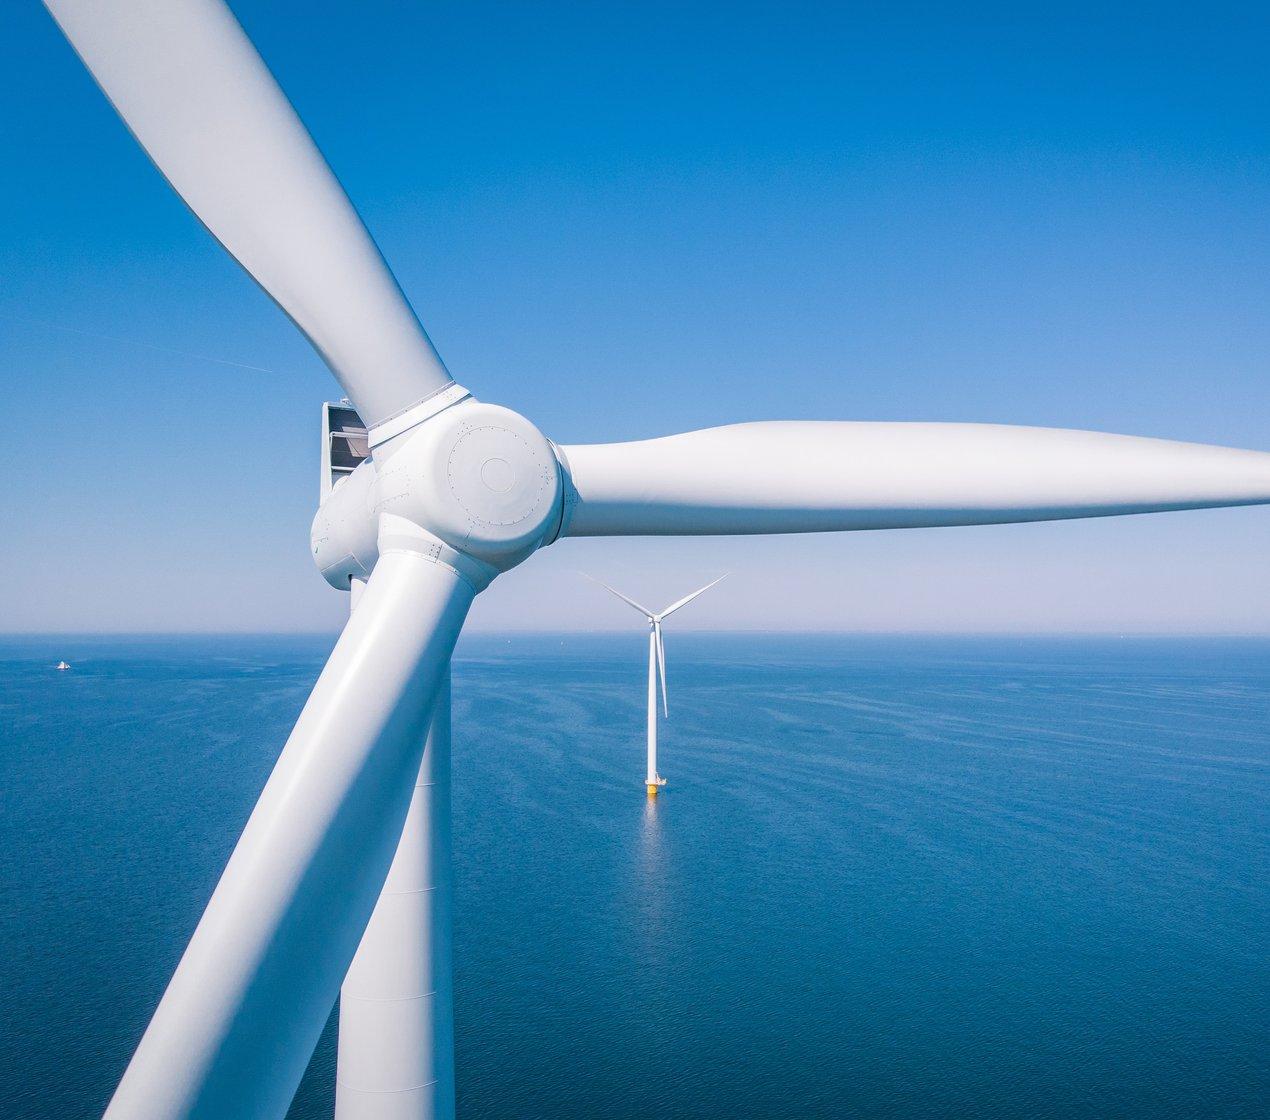 wind pic 5.27.21.jpg